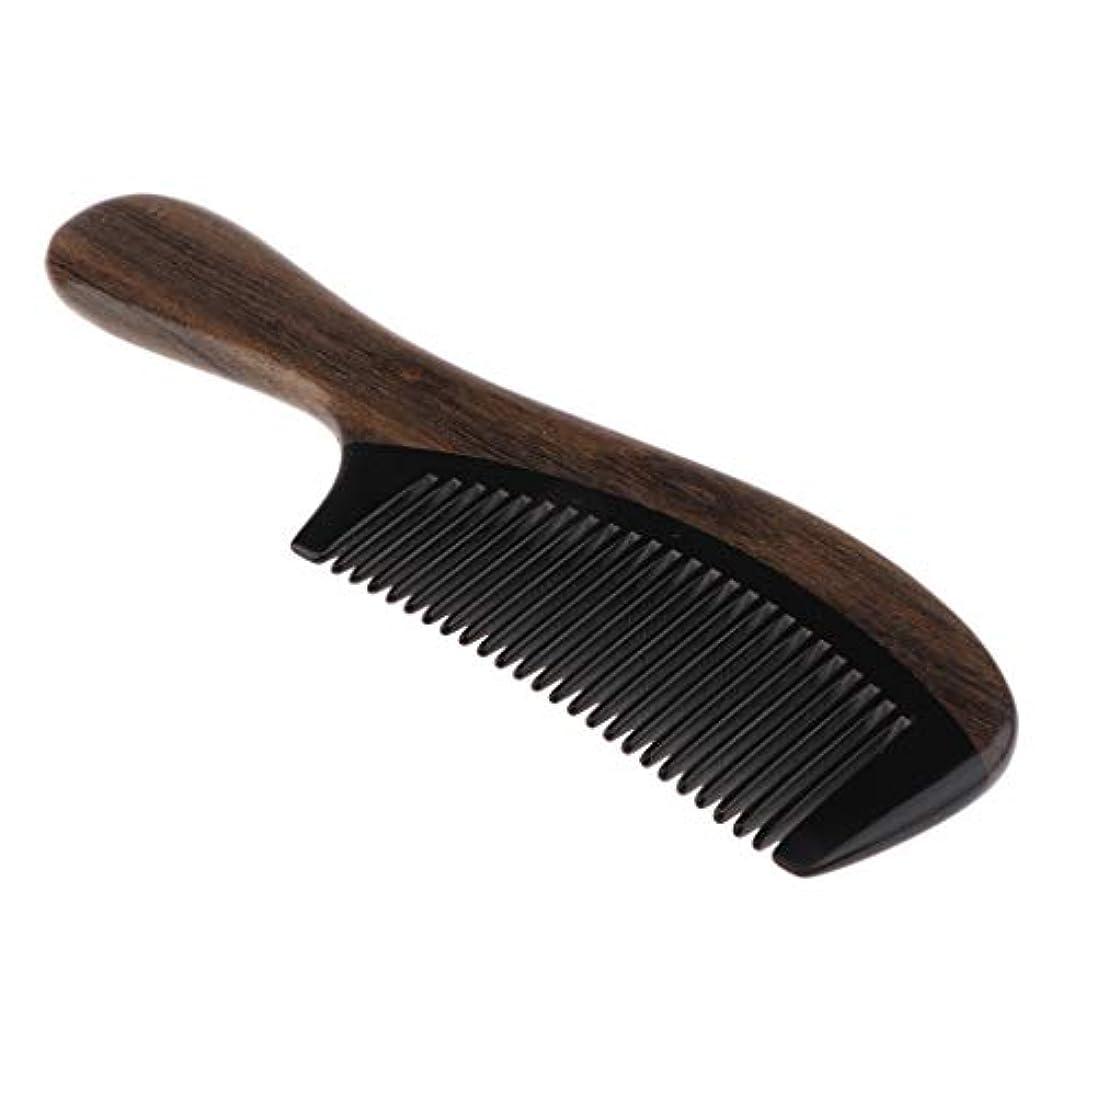 講師母性条約くし コーム 木製 木製櫛 ヘア櫛 ヘアブラシ 頭皮マッサージ ヘアケア 頭皮に優しい ヘアケアツール